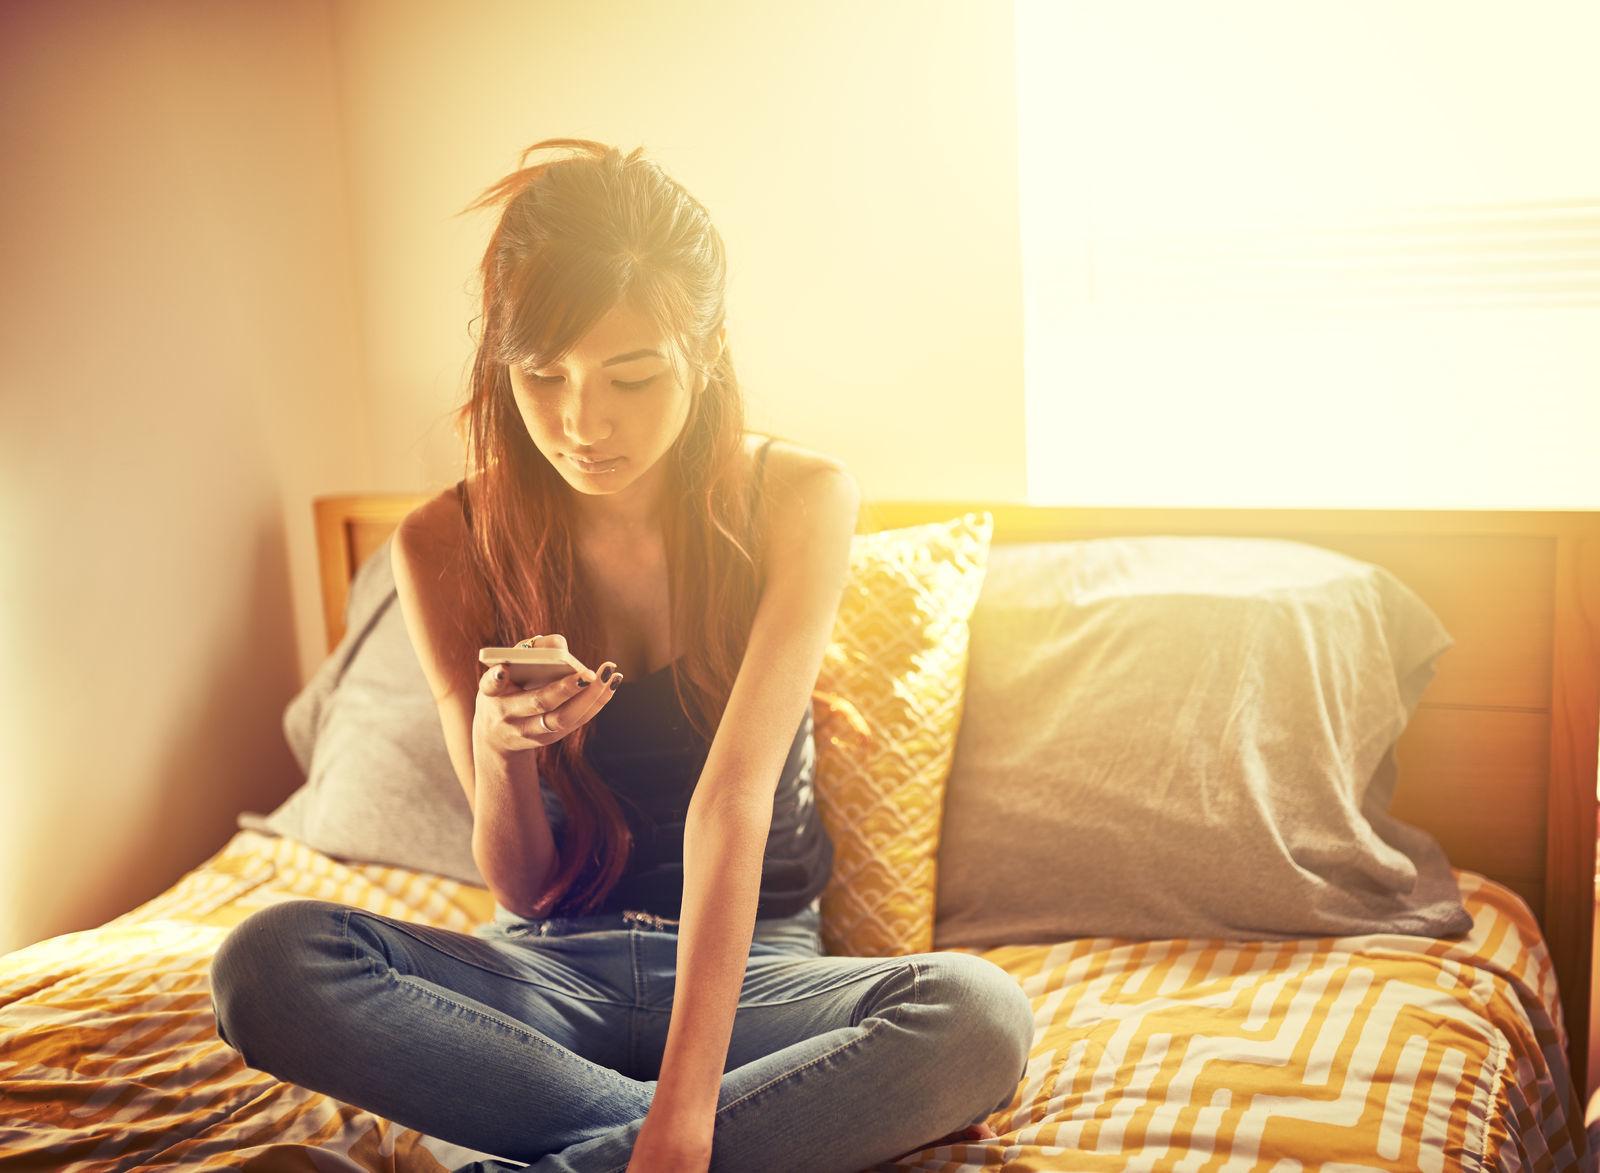 18歳~25歳女子の遠距離恋愛をうまく続けるためのコツ【みんなの恋愛&モテ★裏トーク】_1_1